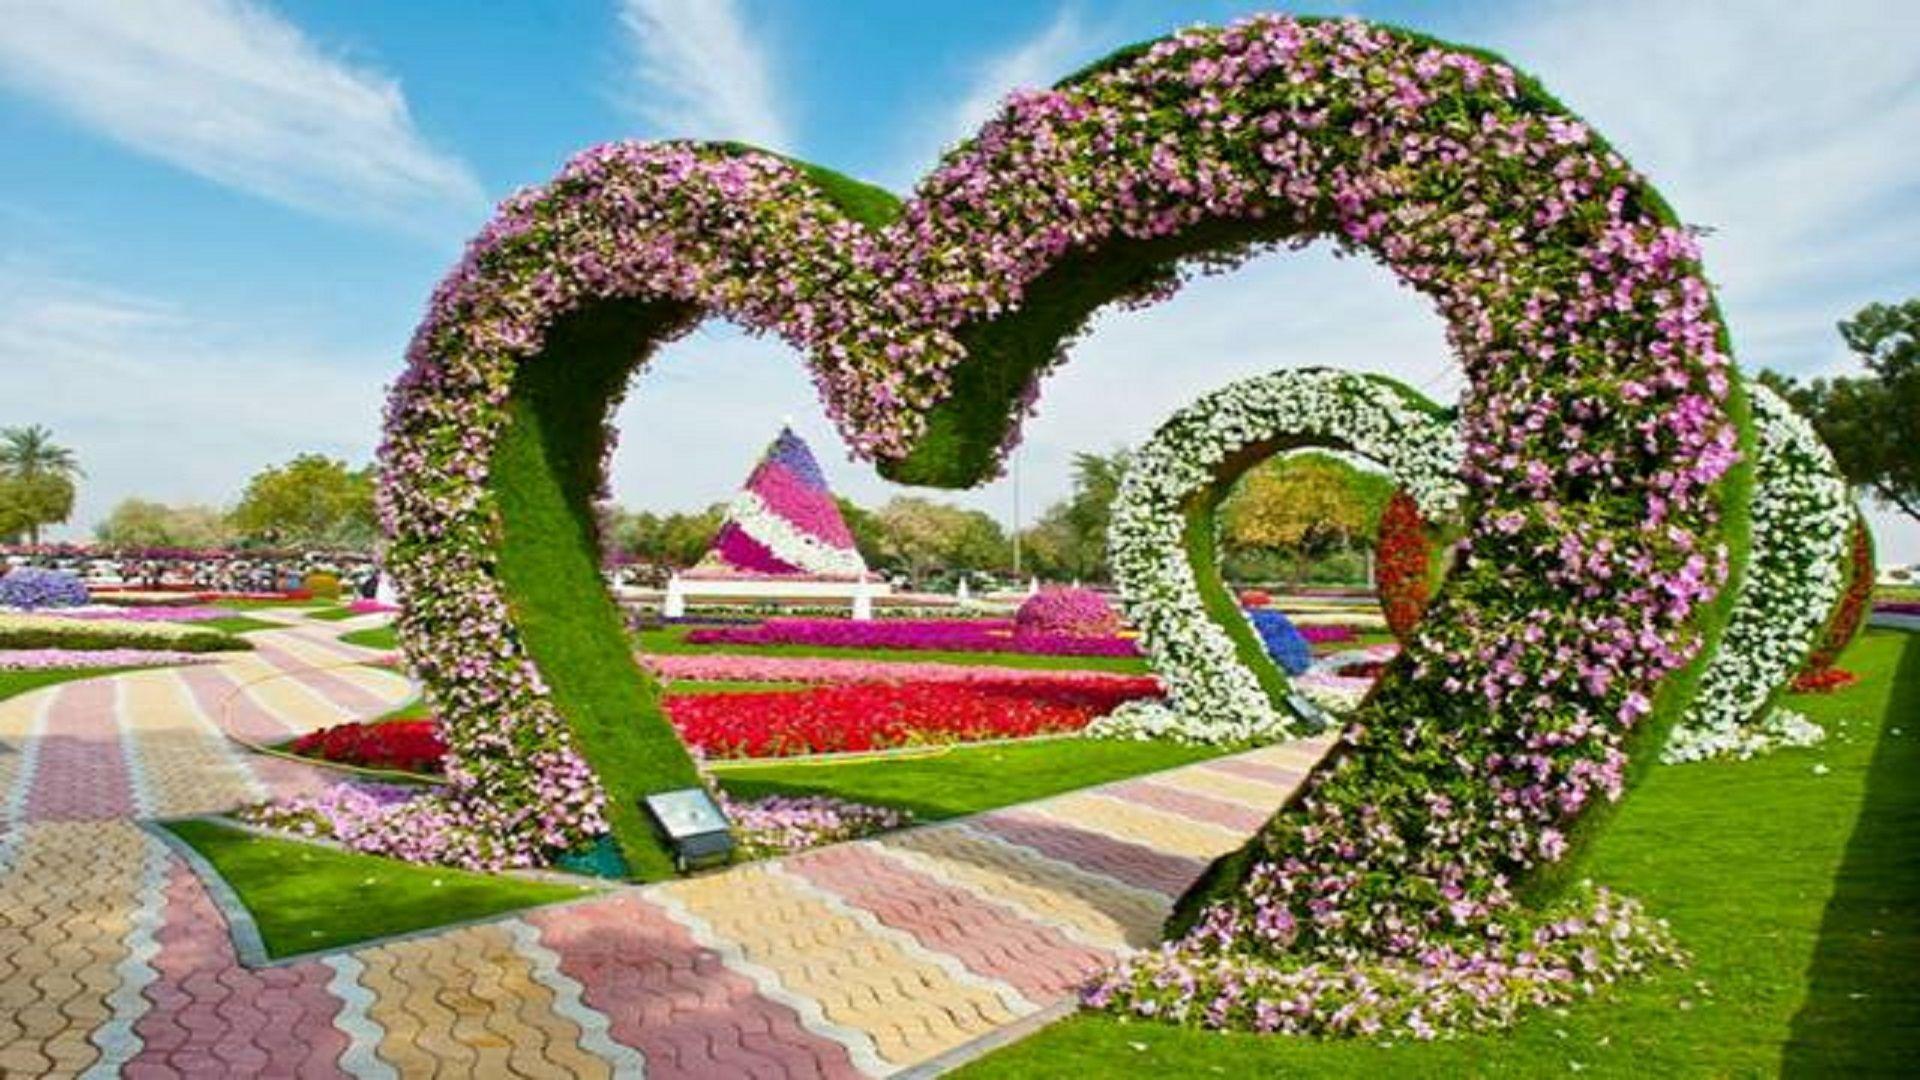 garden flowers hd wallpapers [19201080] via Classy Bro